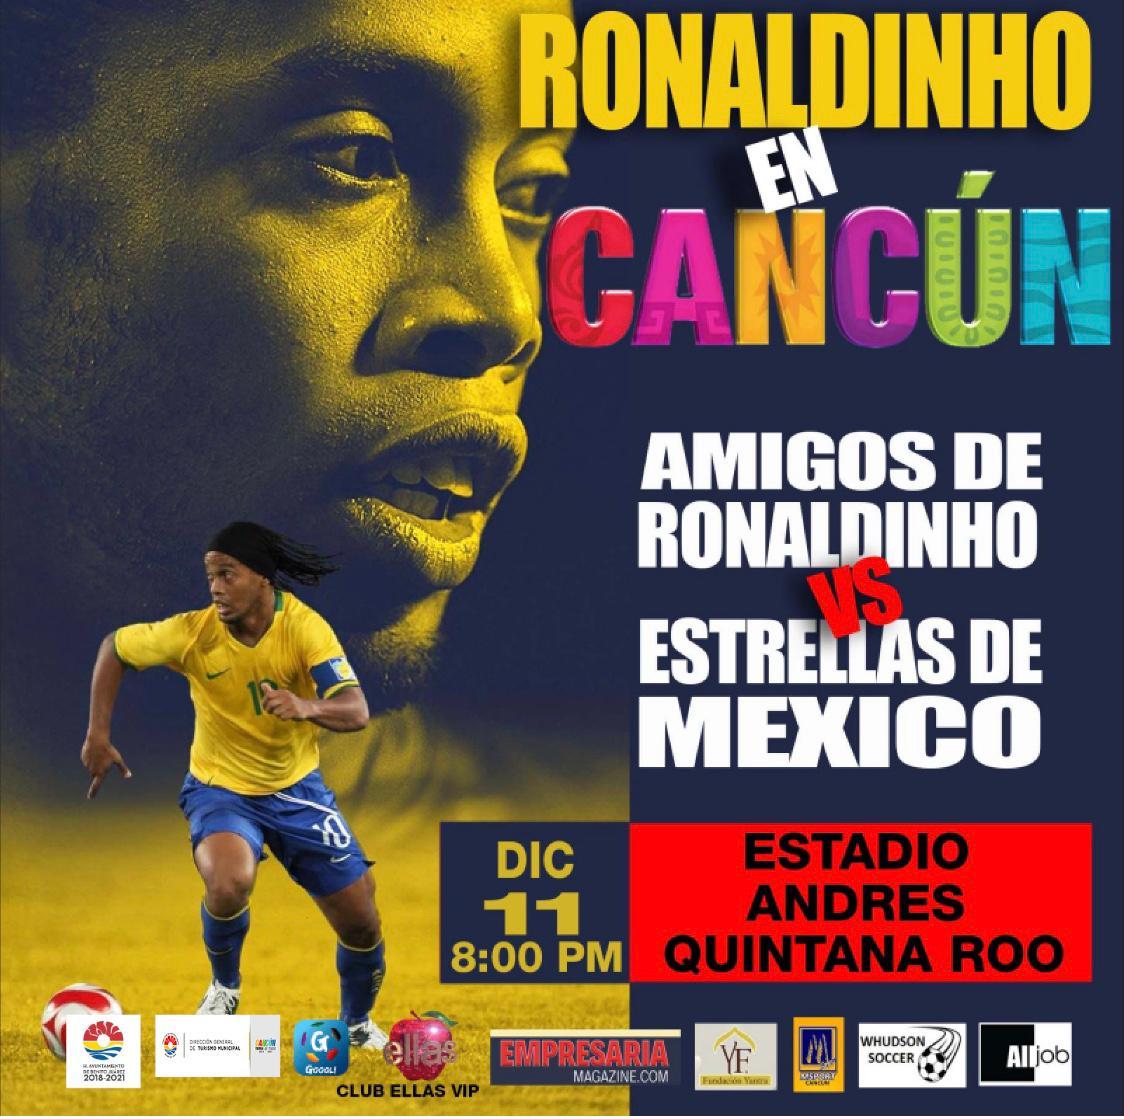 Cancunenses jugarán contra el ex astro Ronaldhino